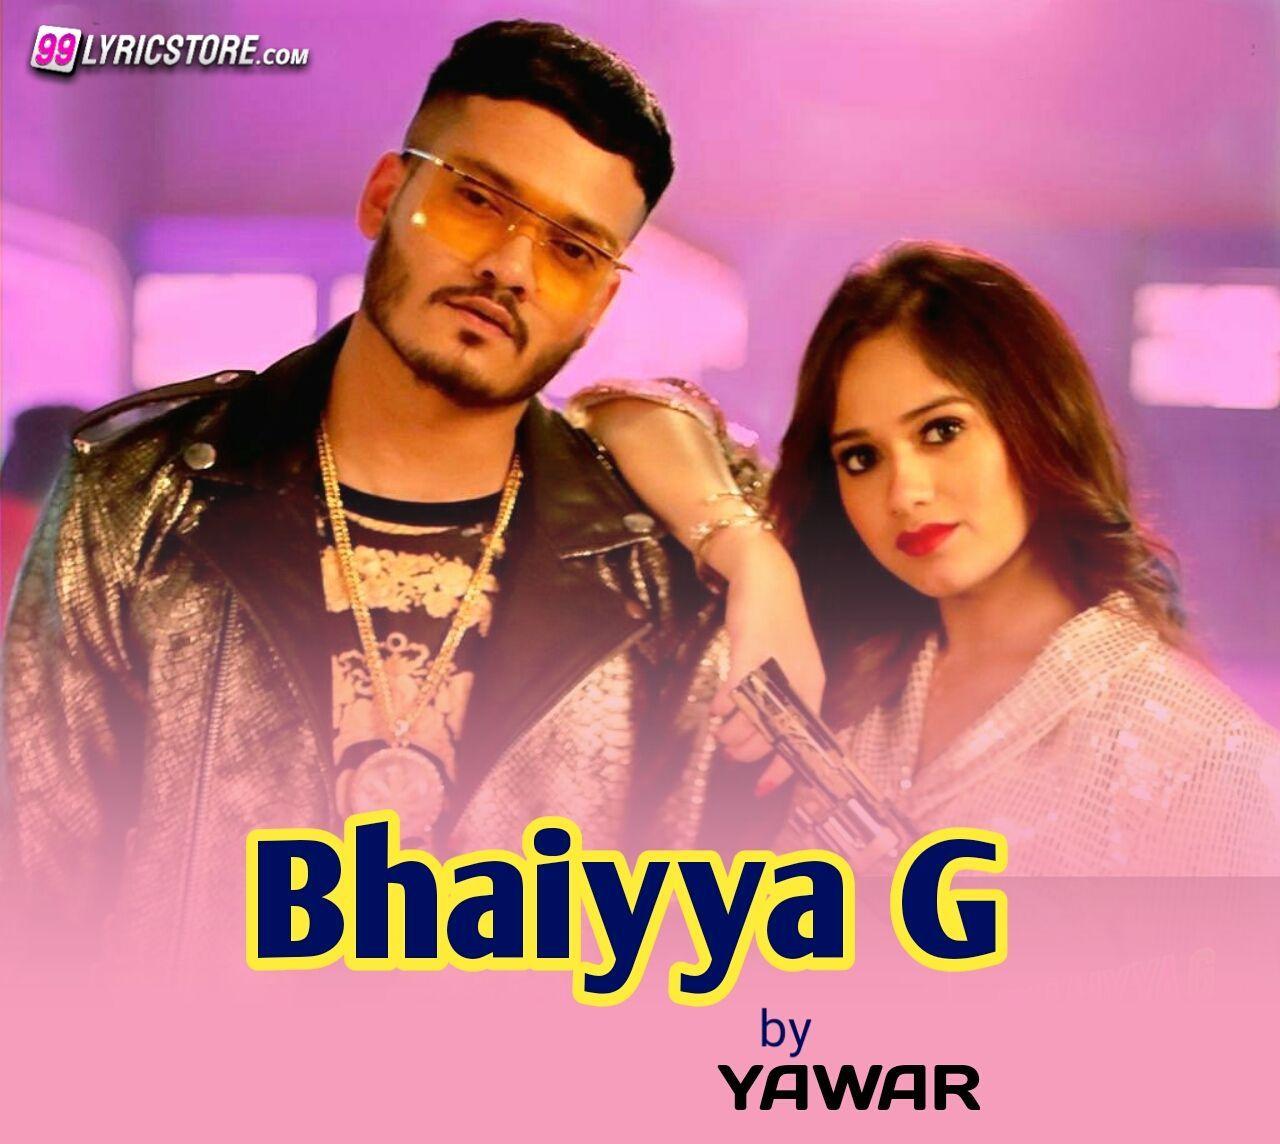 Bhaiyya G Lyrics Yawar Jannat Zubair Rahmani Komlyrics New Hindi Songs Lyrics Songs